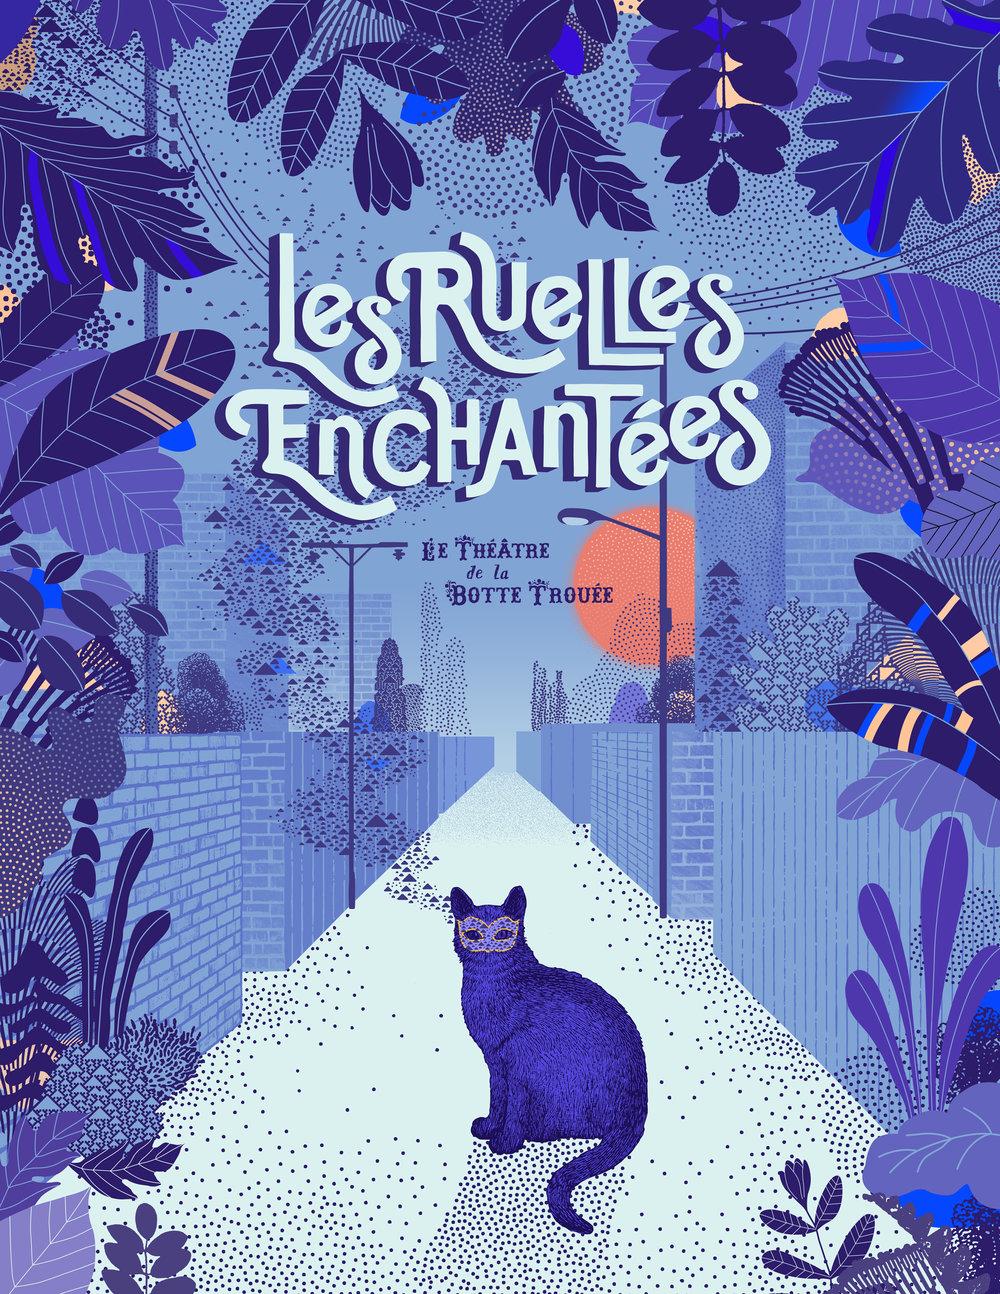 les_ruelles_enchantees_8x11.jpg